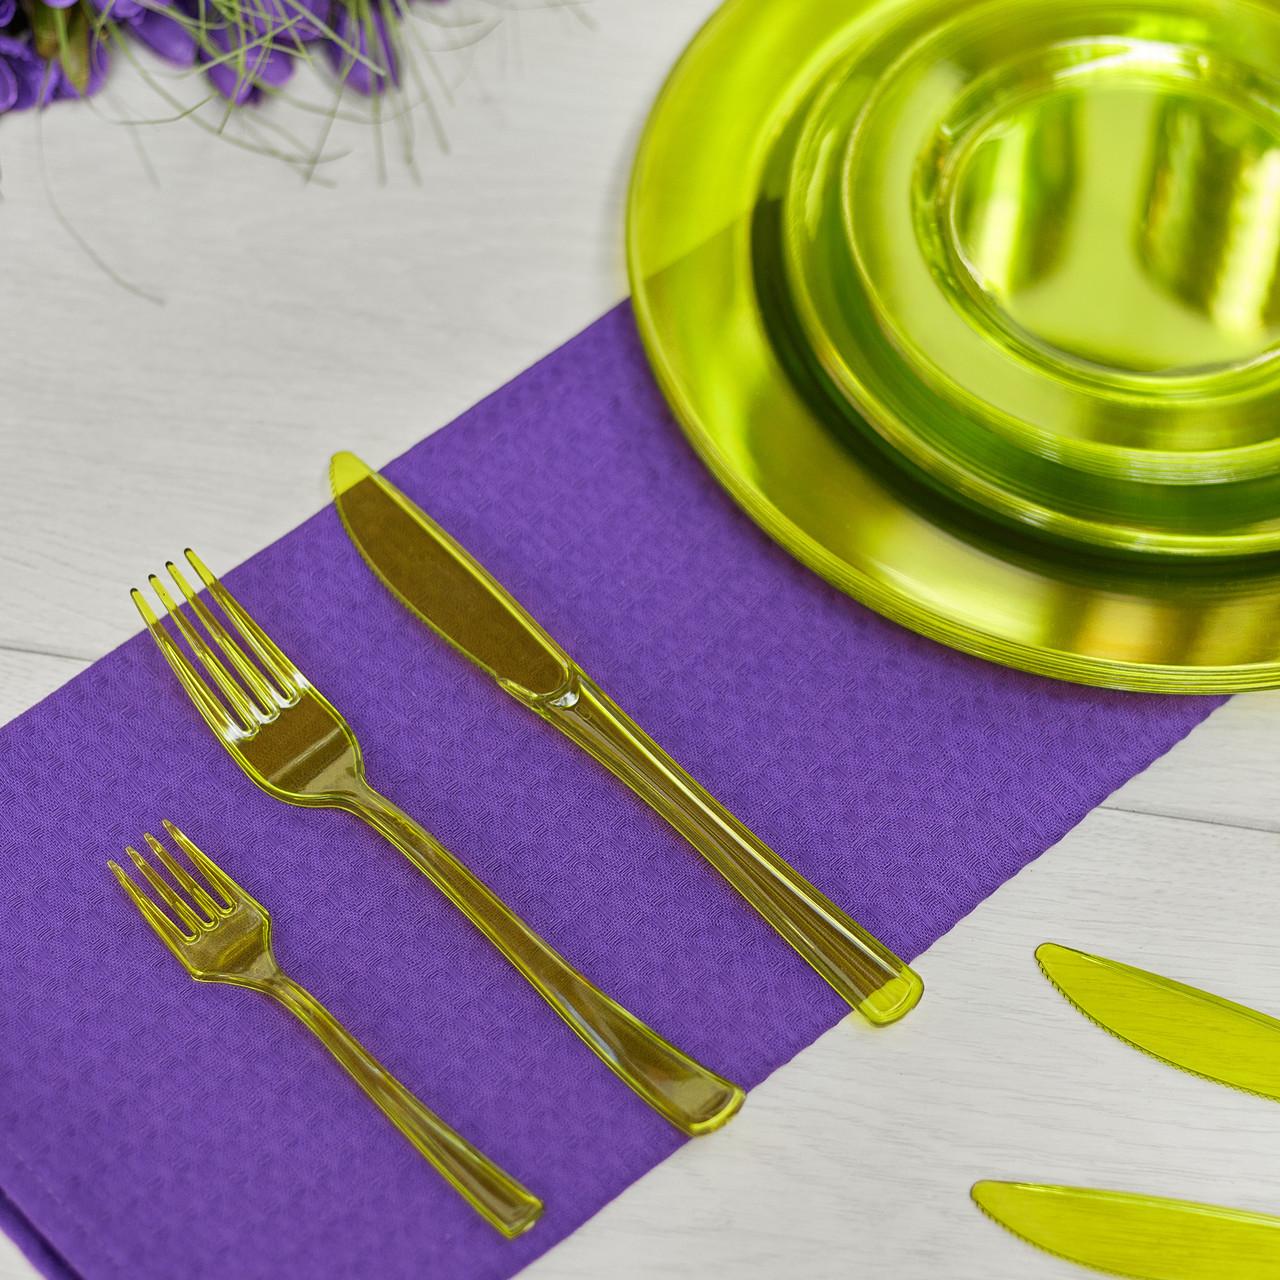 Ножи пластиковые, плотные  для детского праздника, дня рождения, кенди бара  CFP 12 шт 200 мм